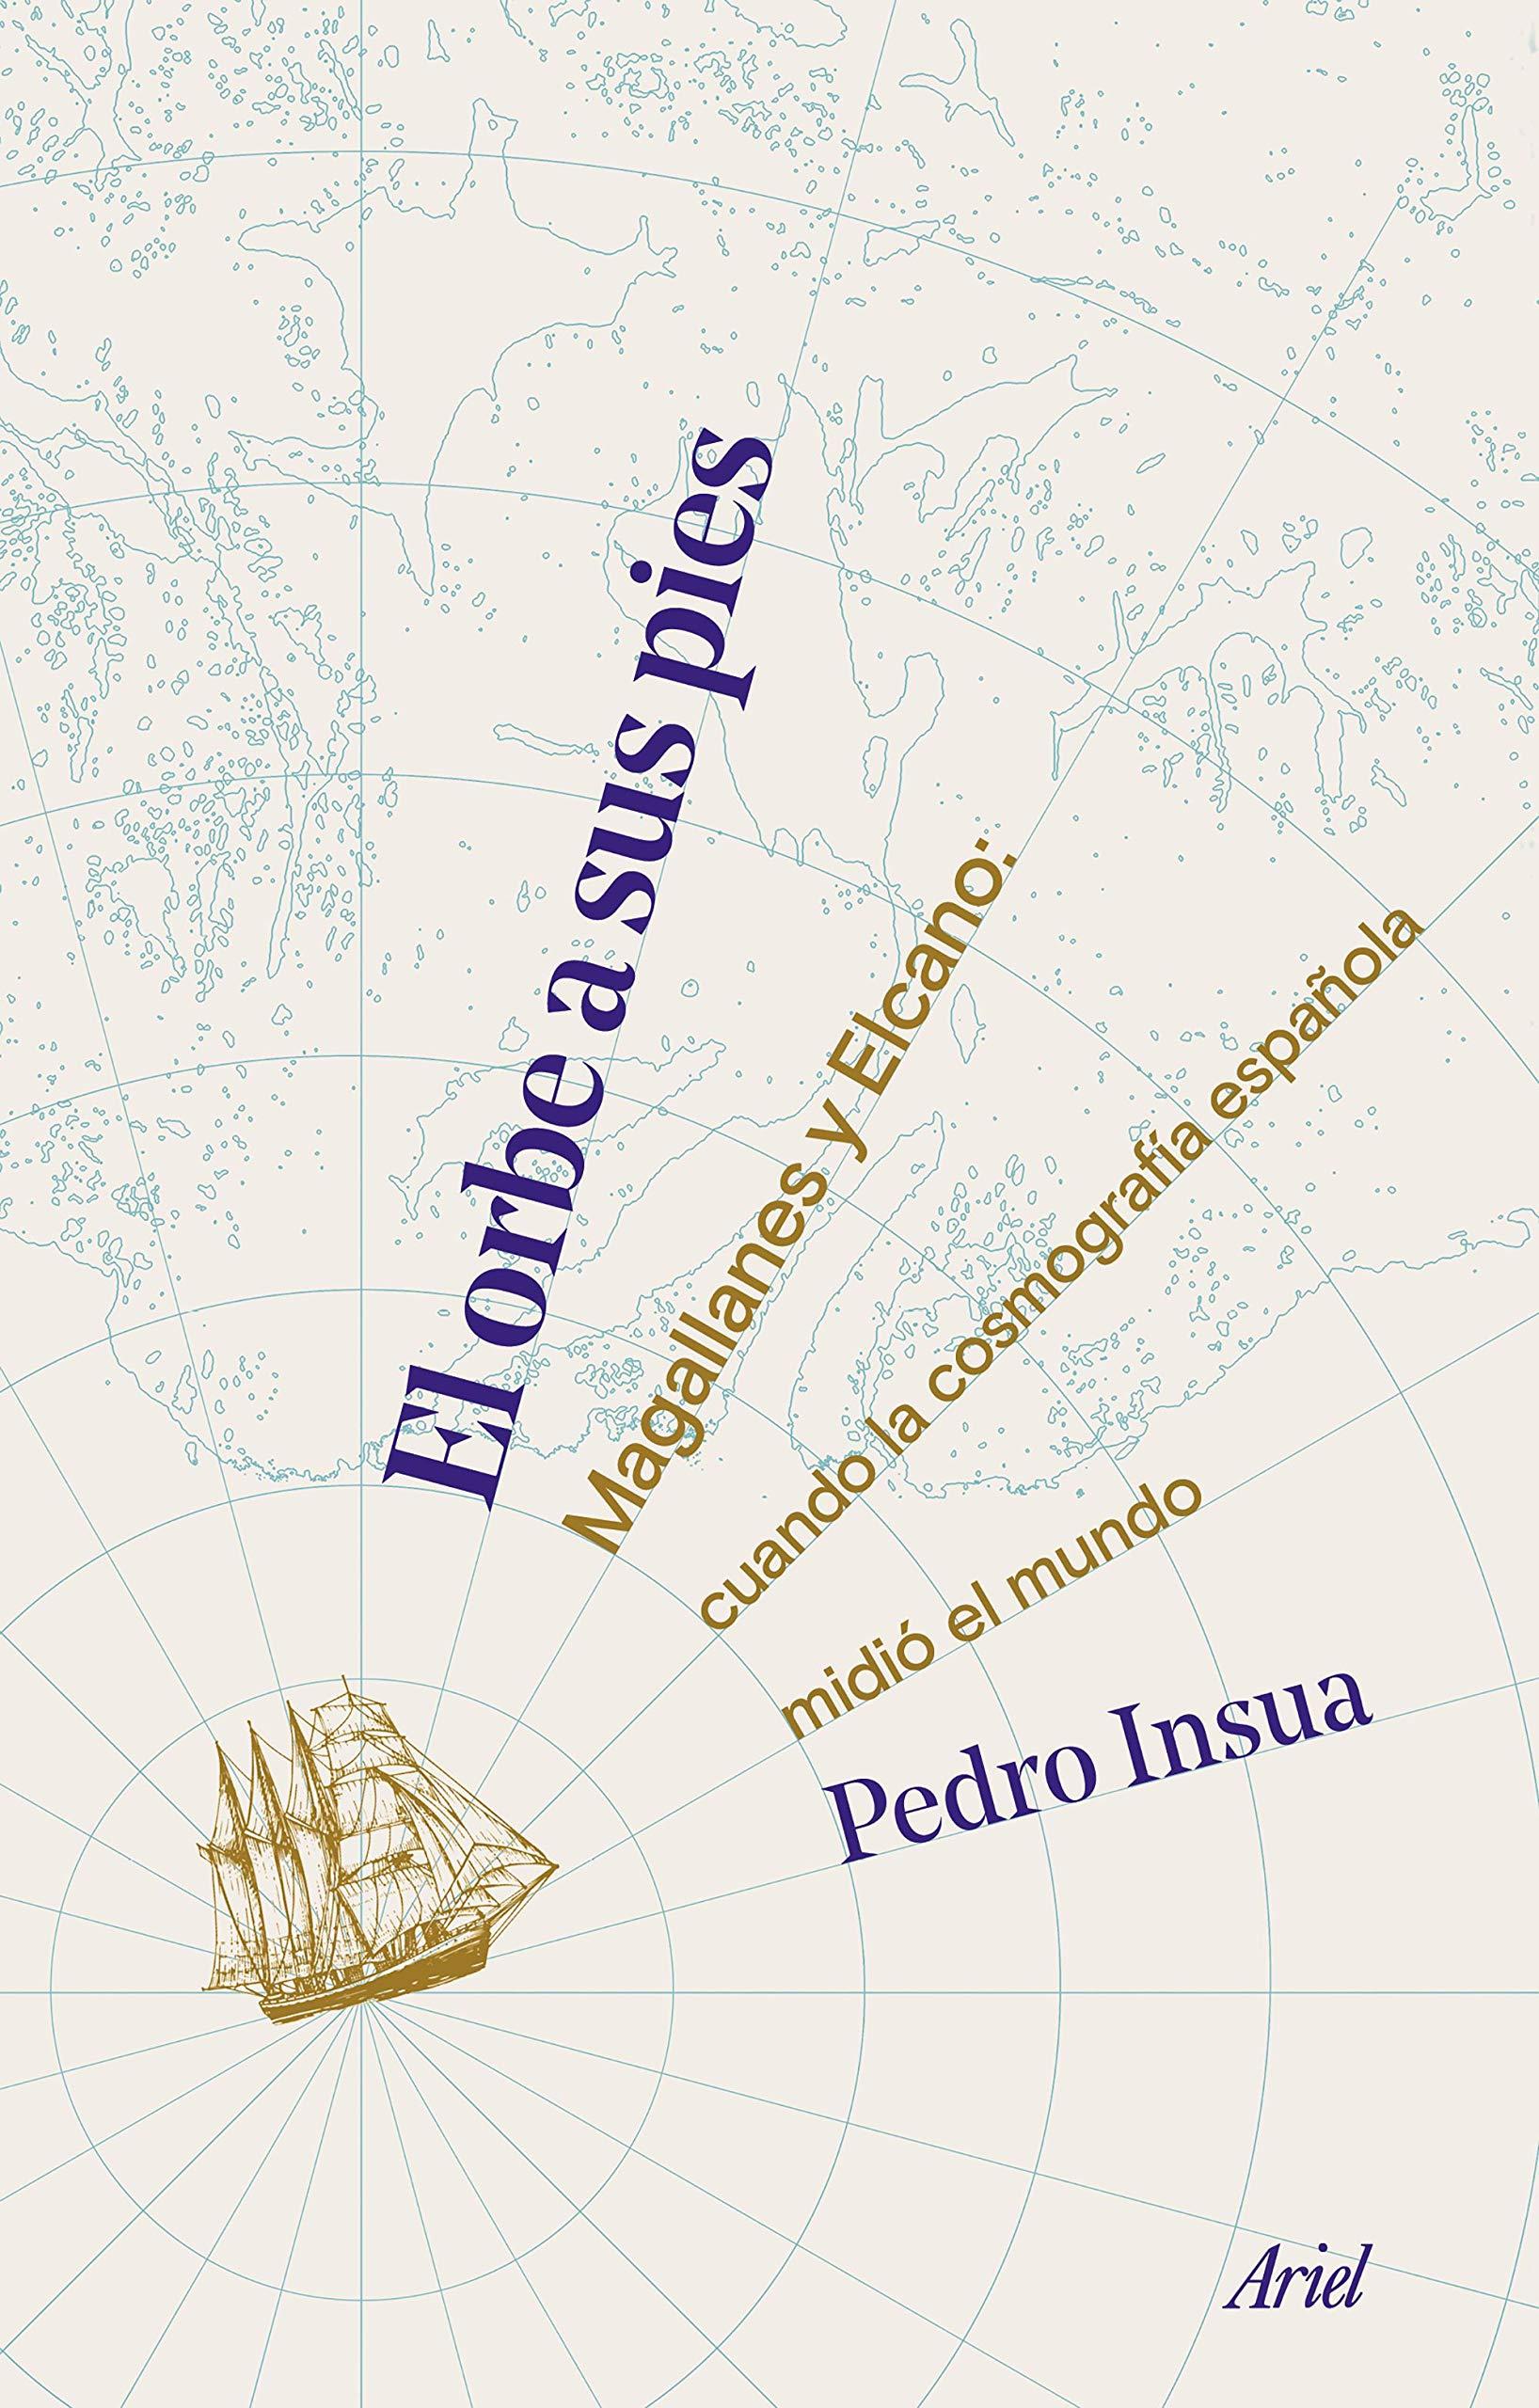 El orbe a sus pies: Magallanes y Elcano: cuando la cosmografía española midió el mundo (Ariel)